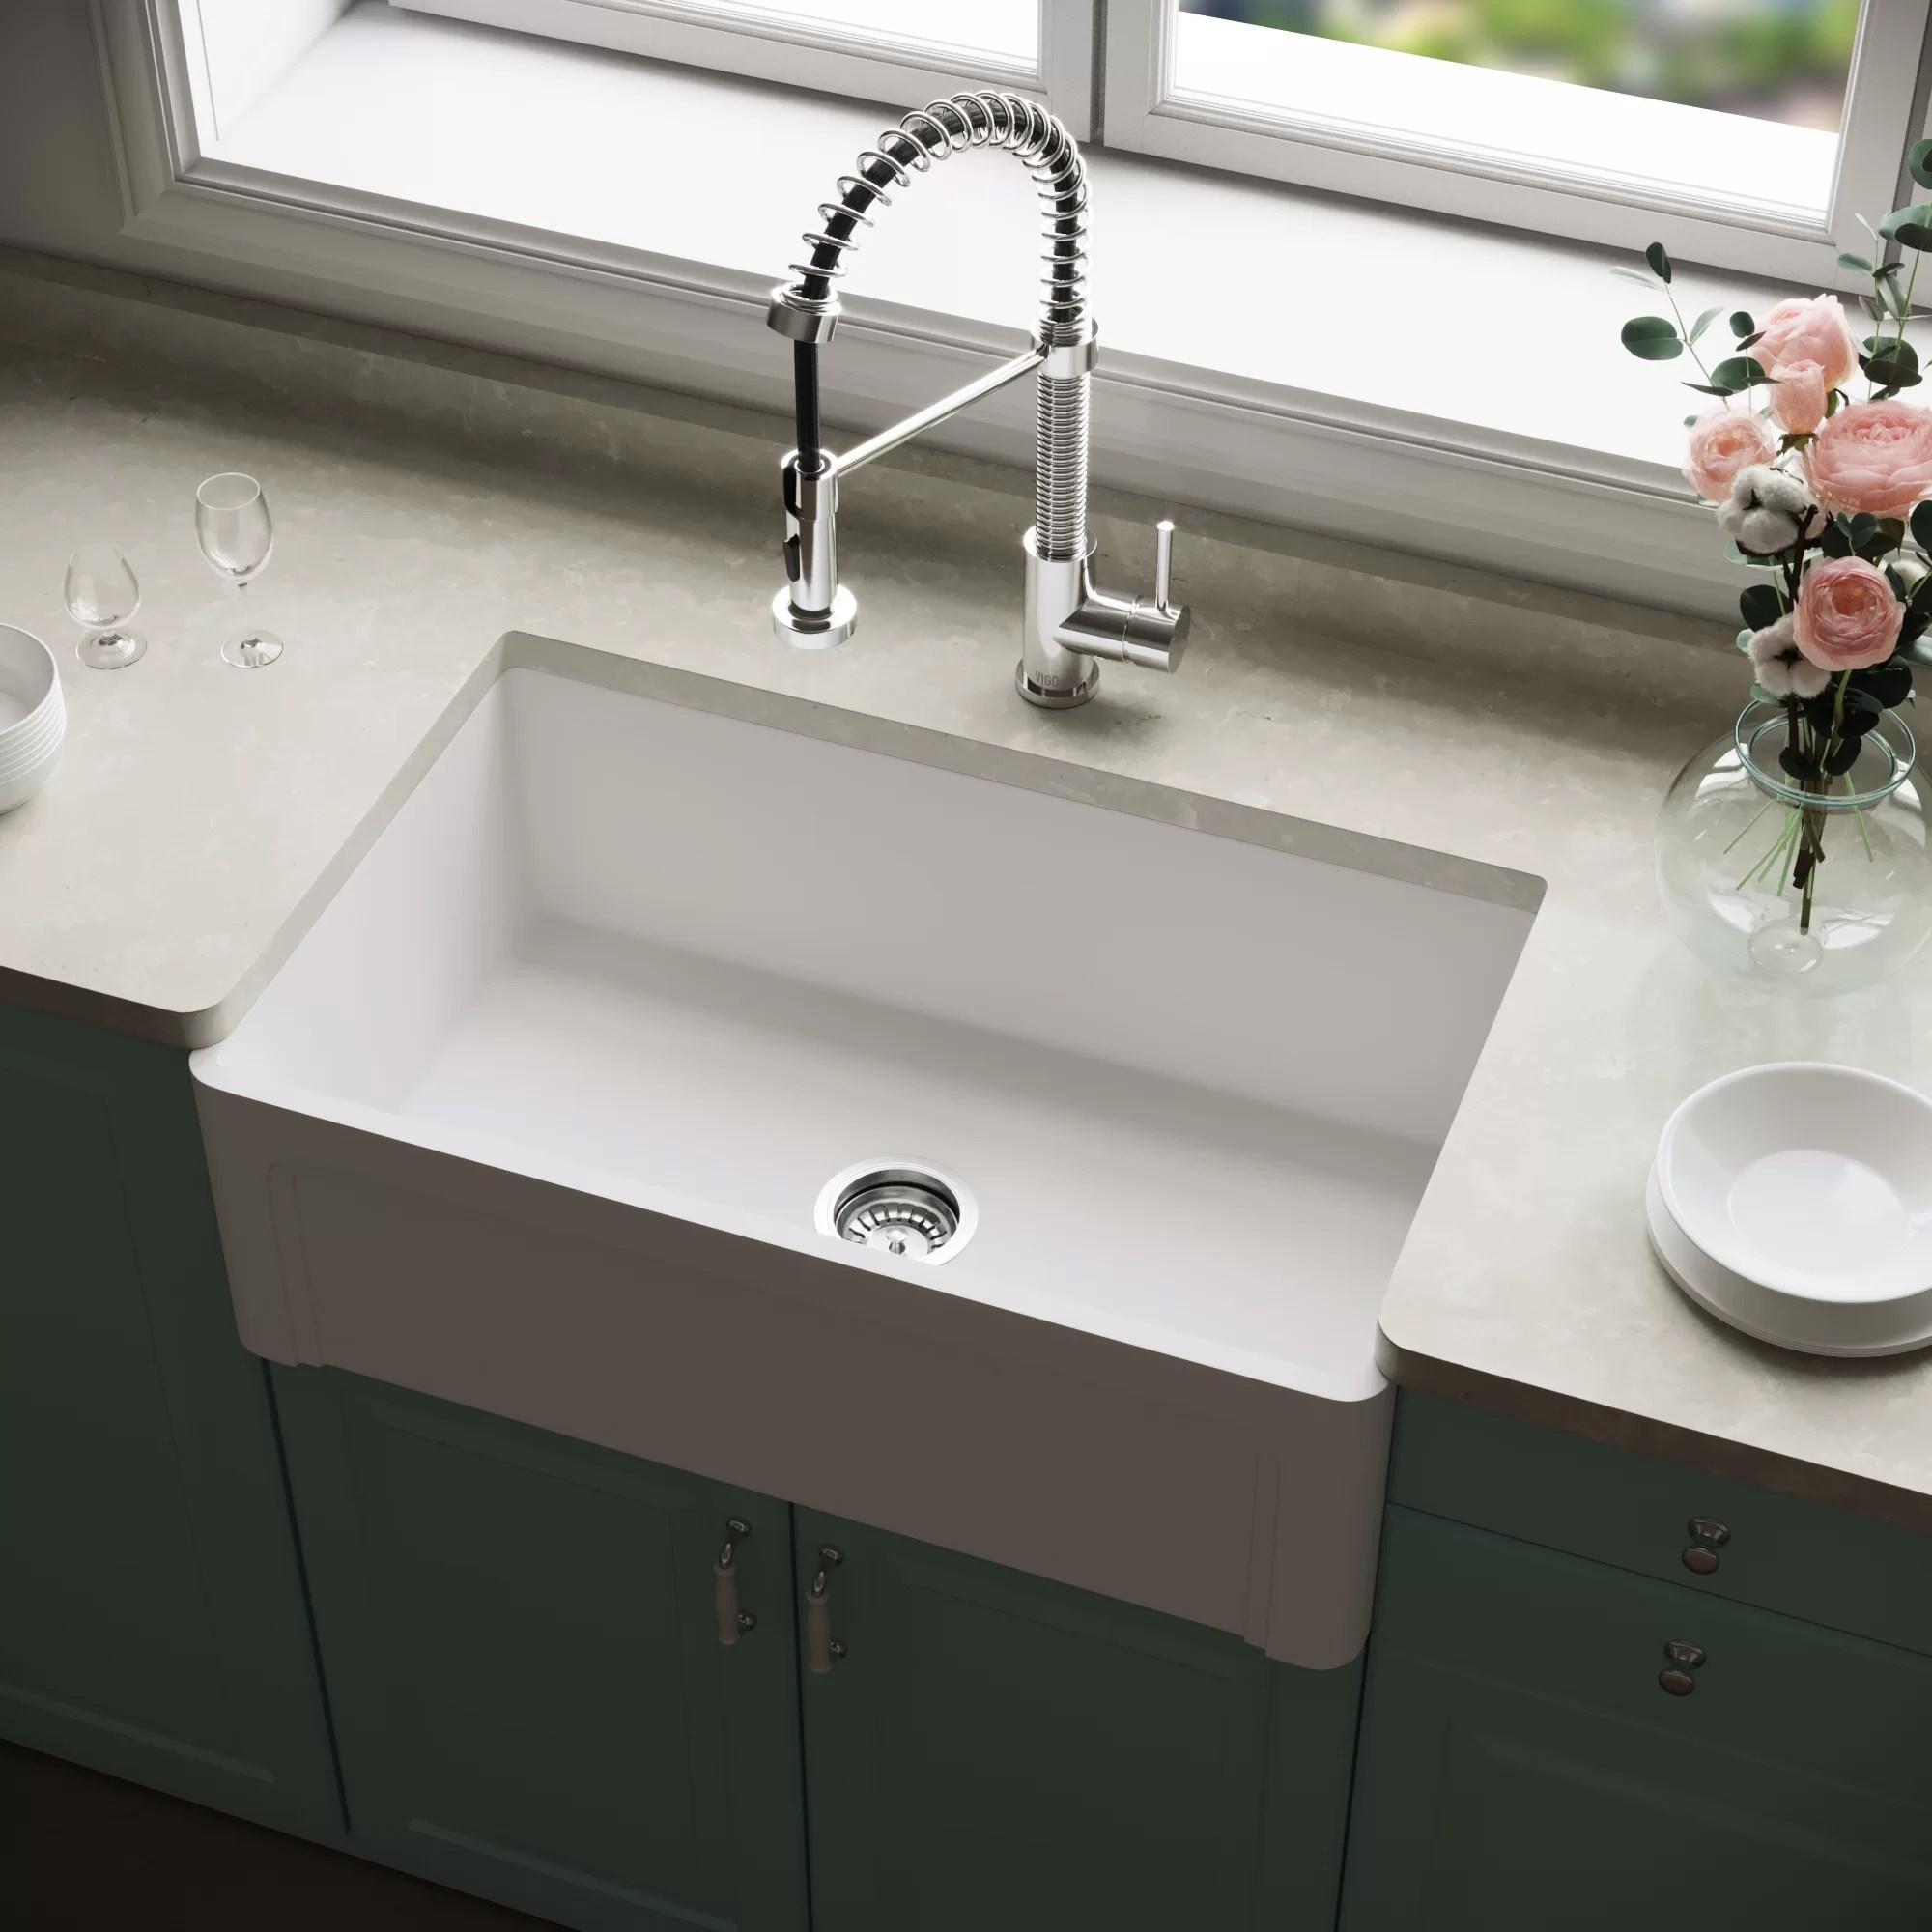 matte stone 30 x 18 farmhouse kitchen sink